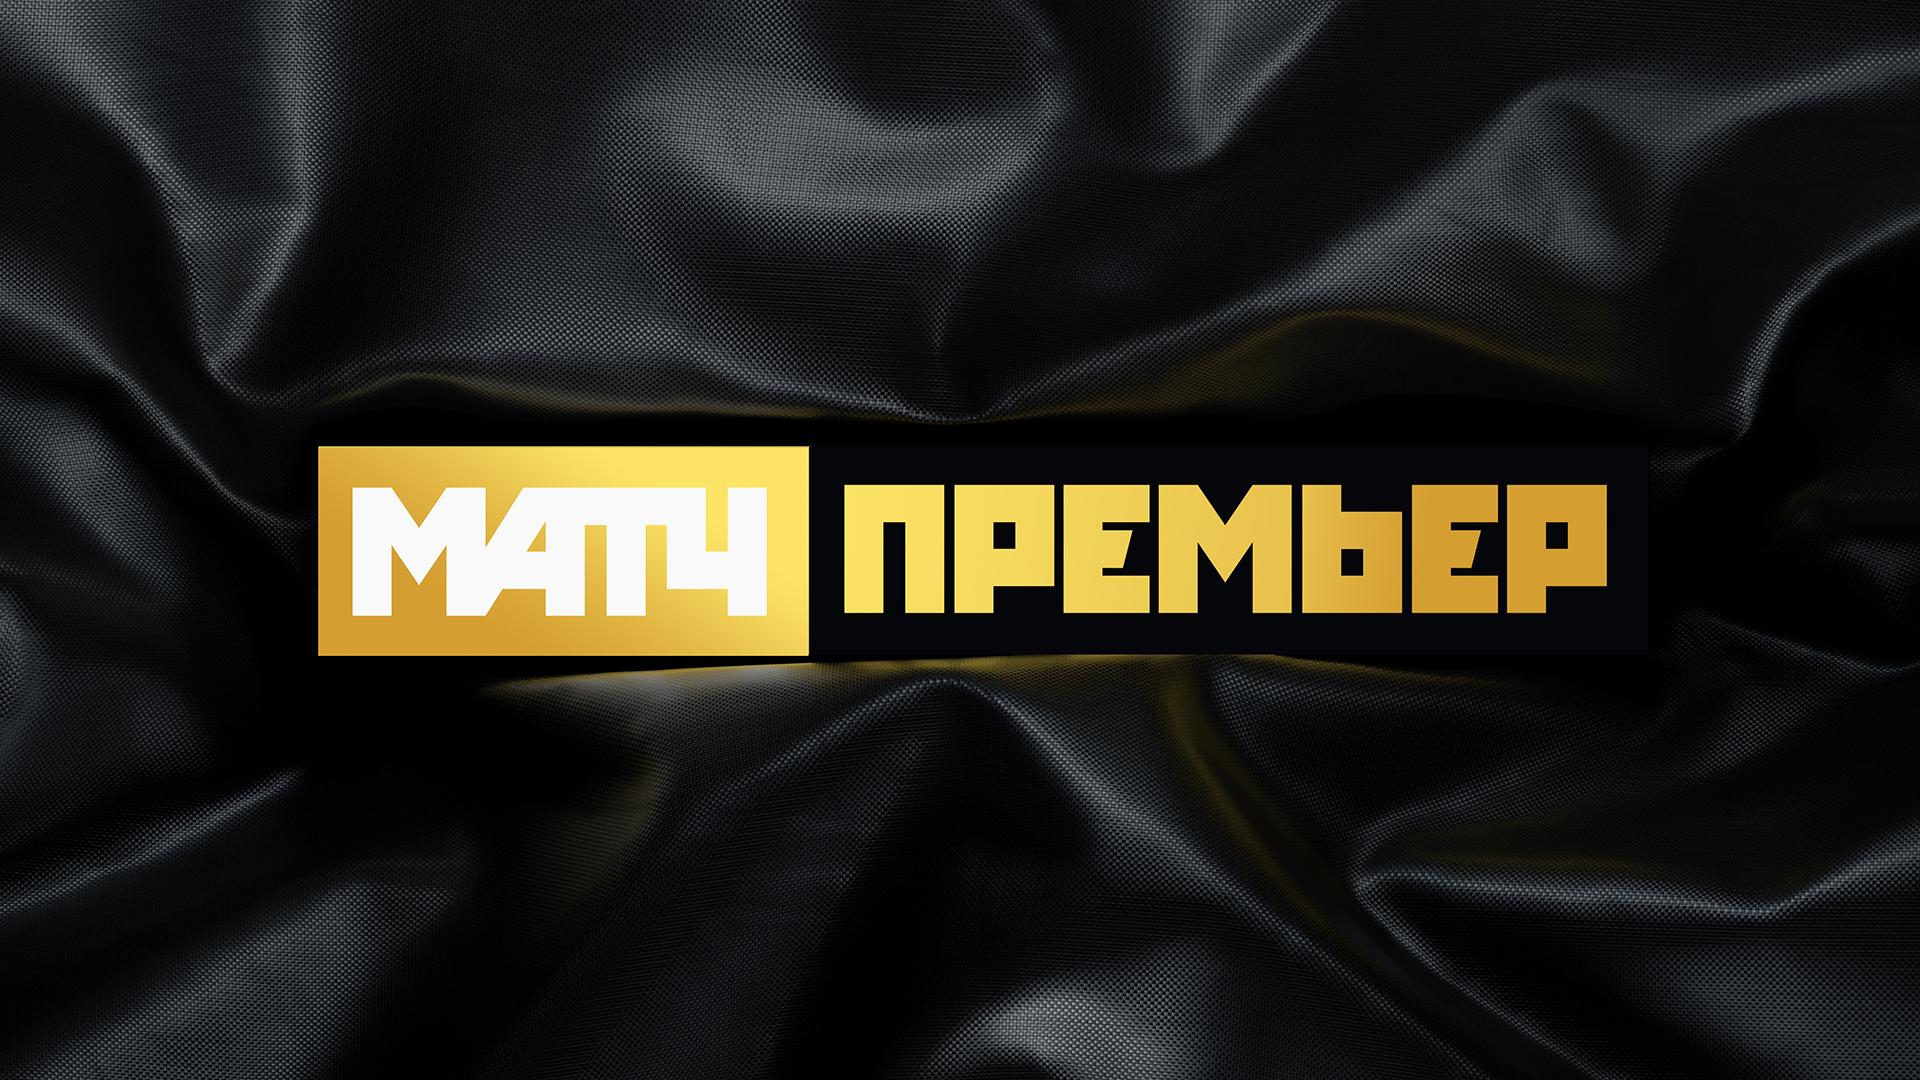 Из спутникового ТВ «Триколор» исчезнут несколько каналов из-за ссоры с «Газпром-медиа»